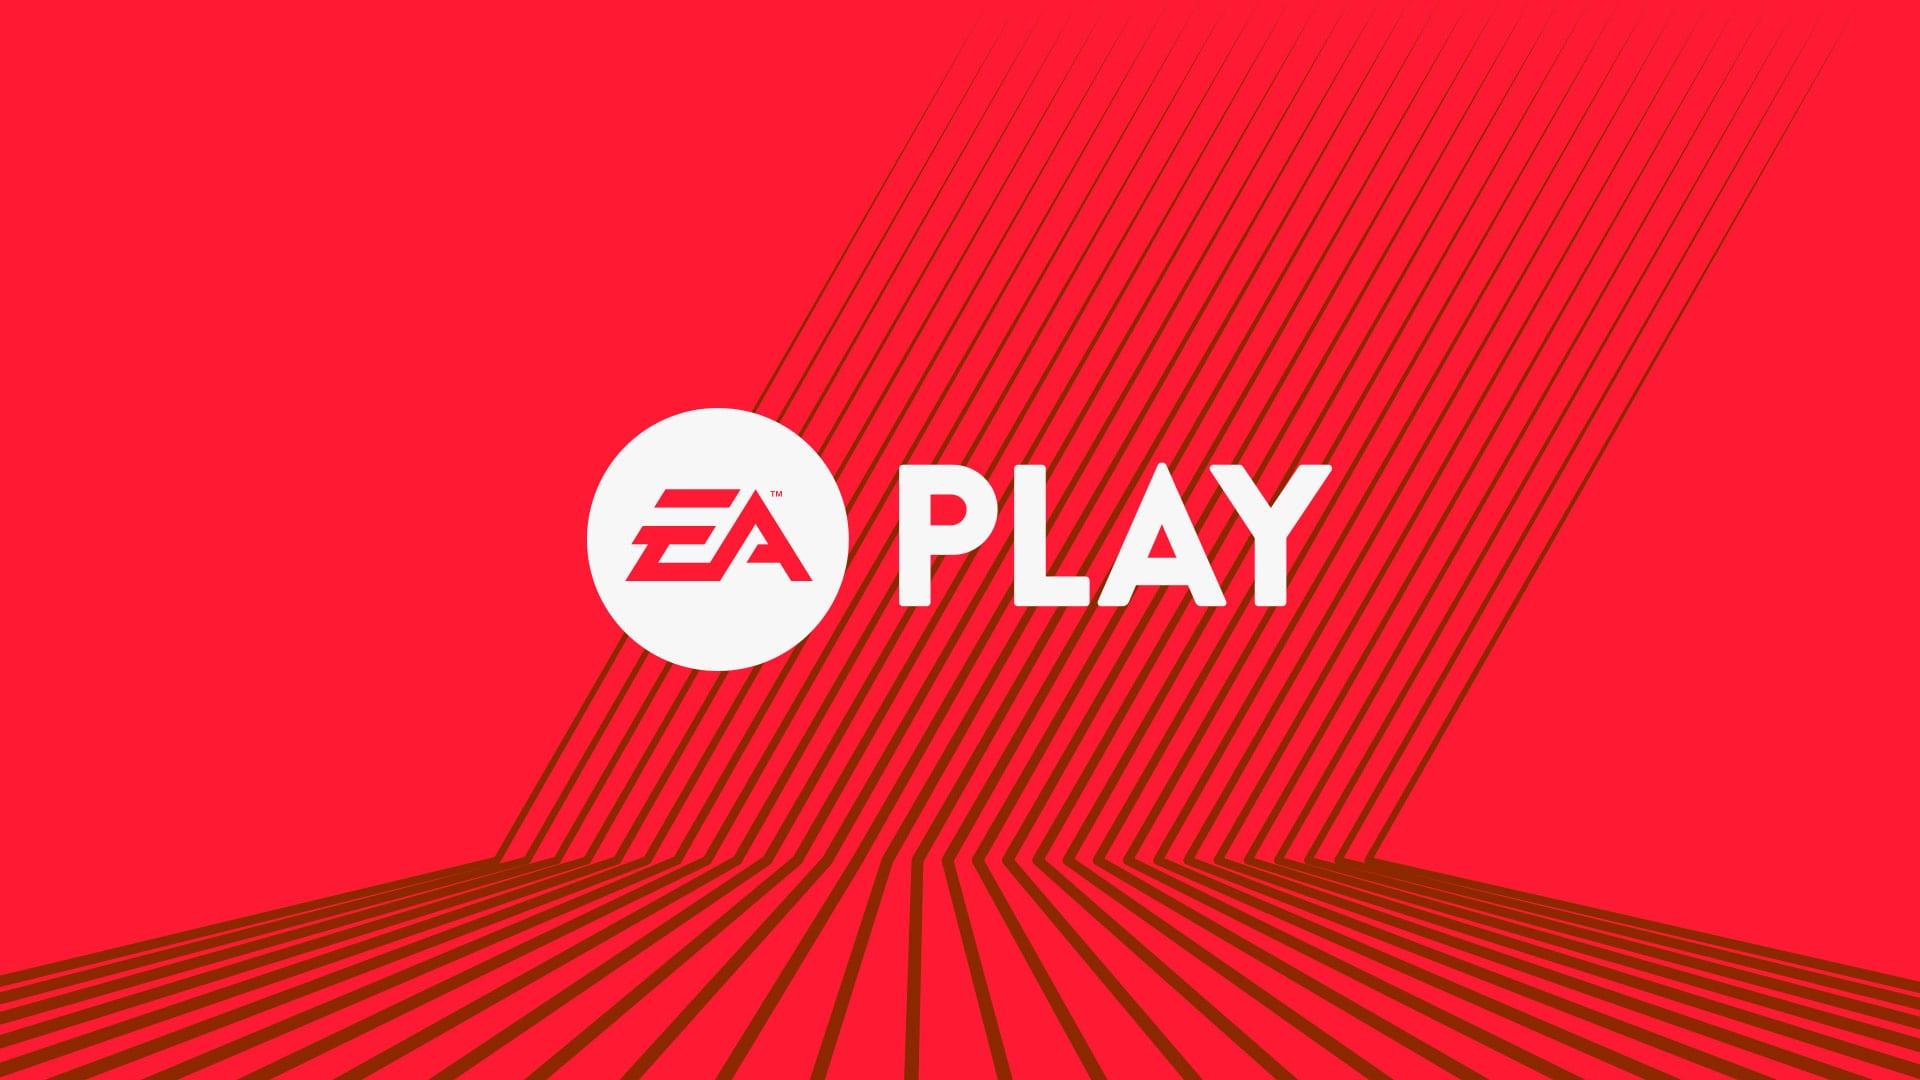 ea play 2017 - Il prossimo Battlefield sarà giocabile all'EA PLAY 2018